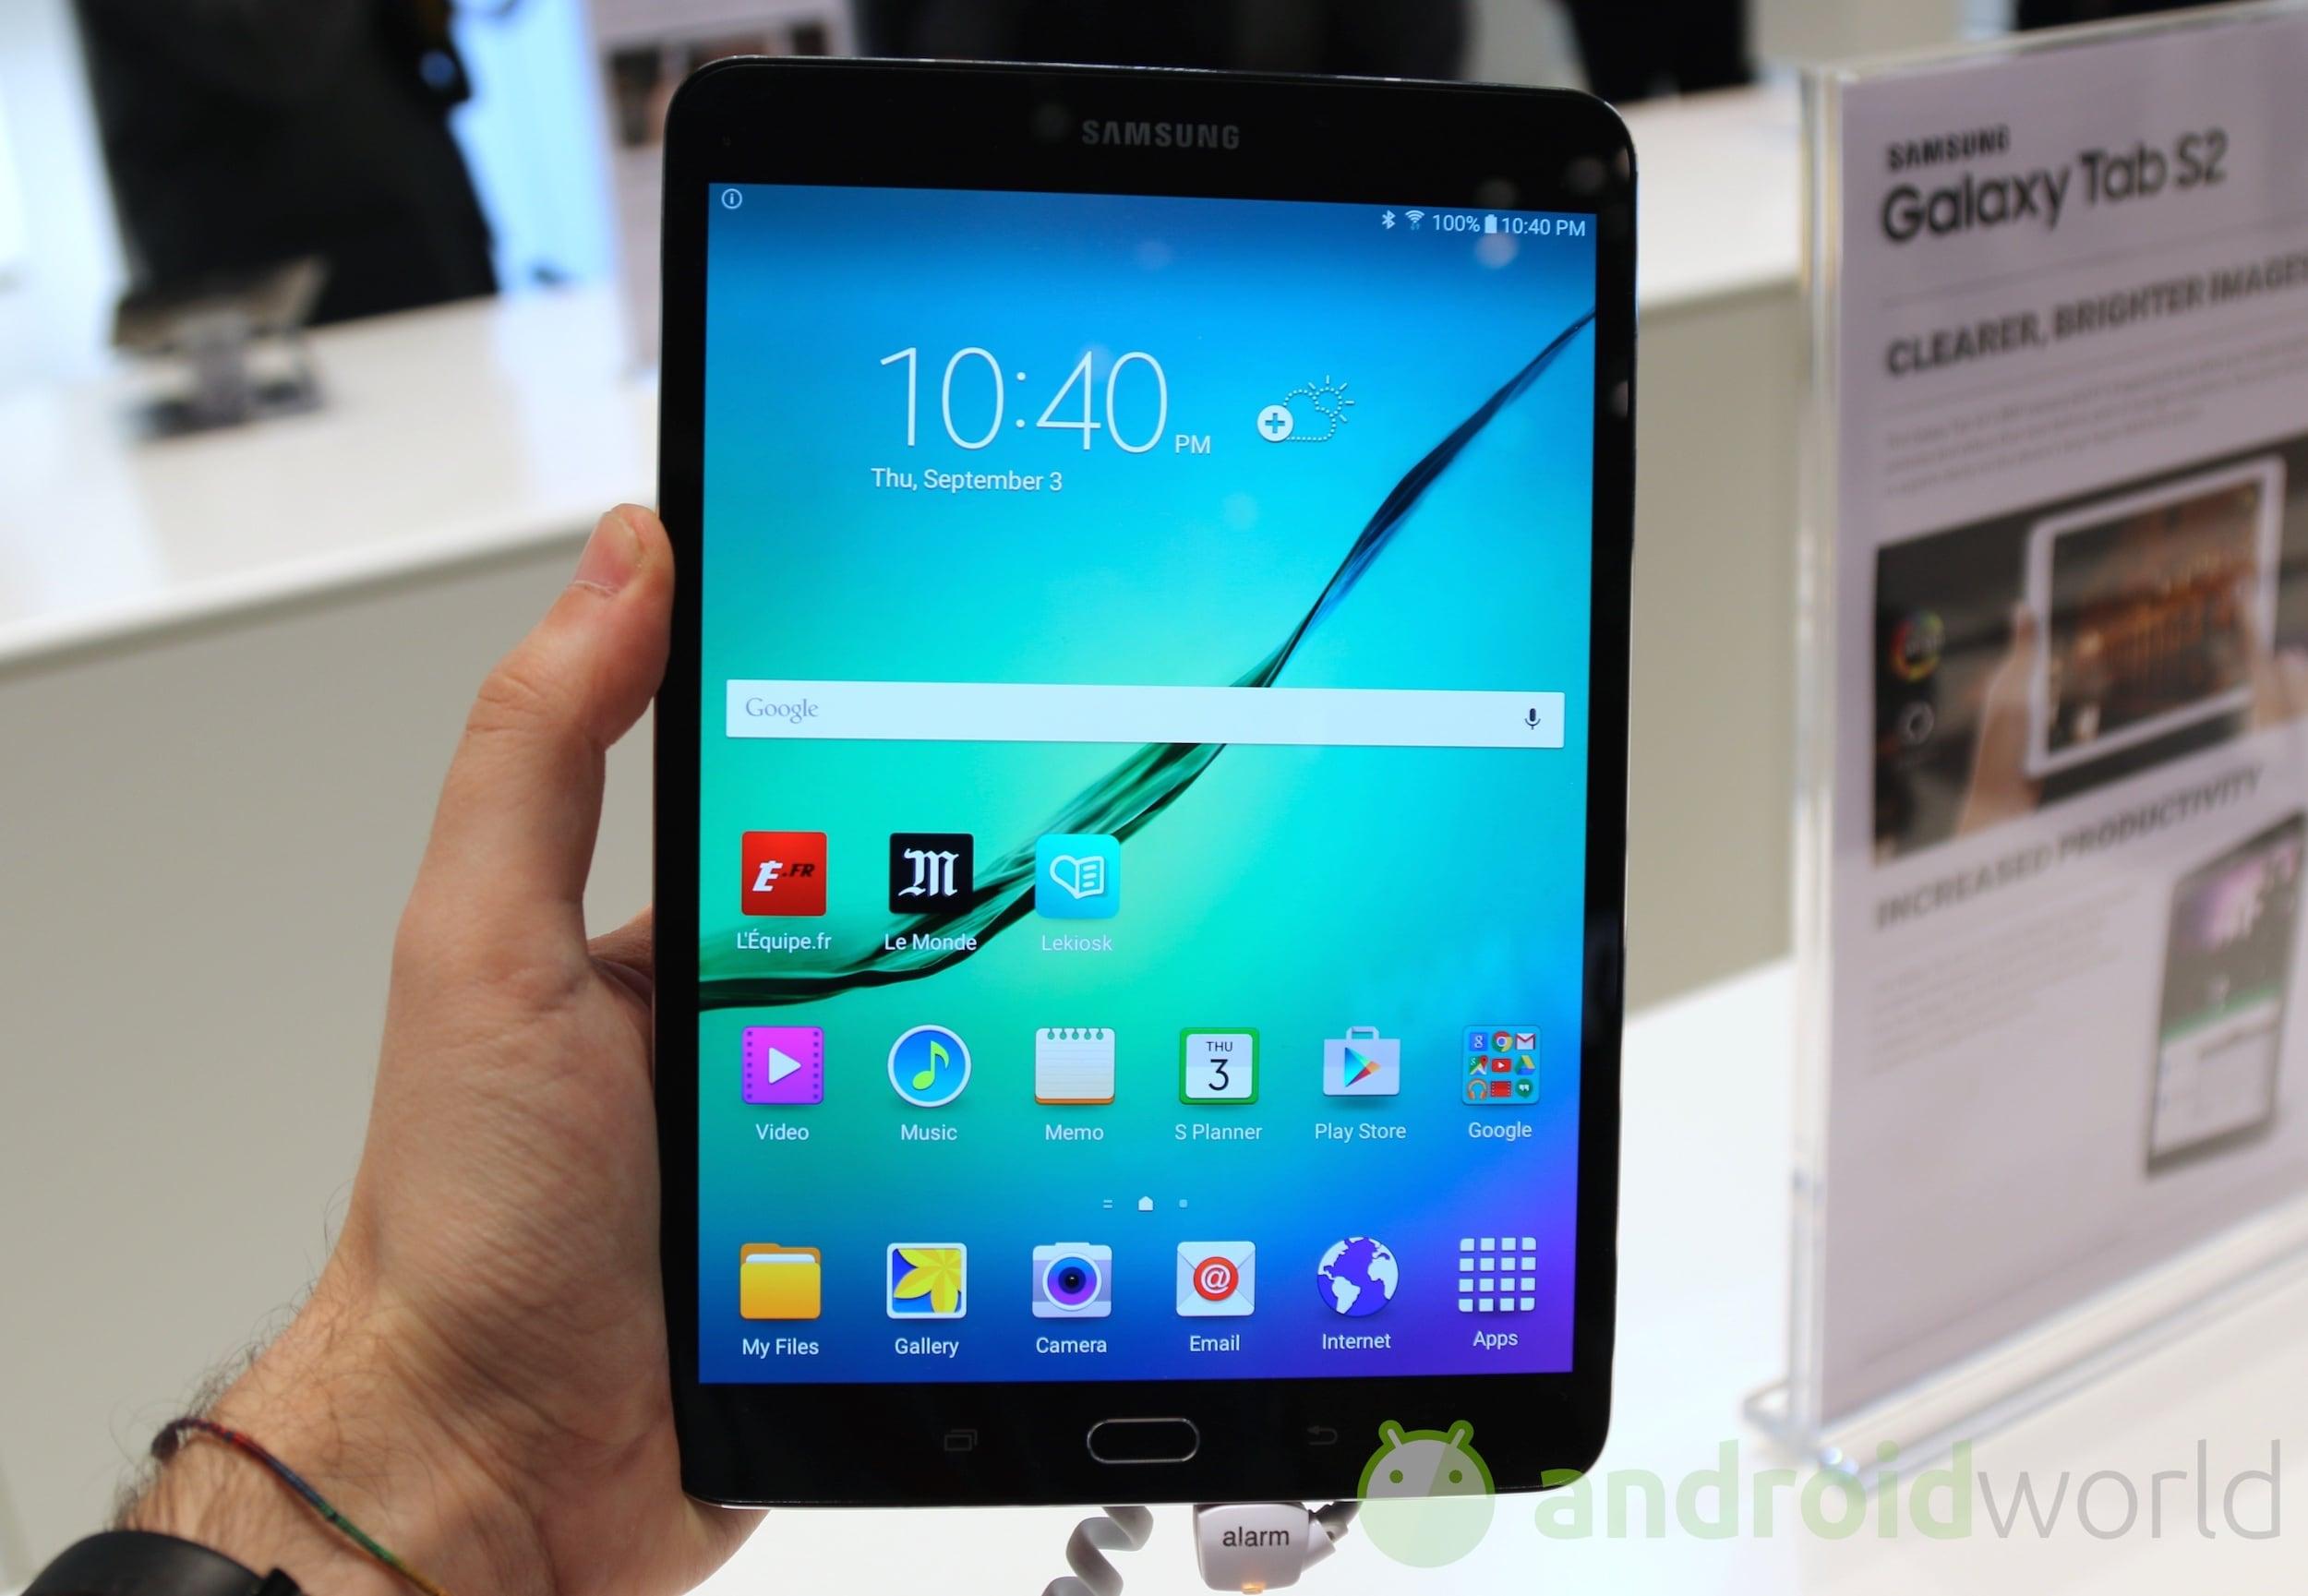 Samsung Galaxy Tab S2 – 1